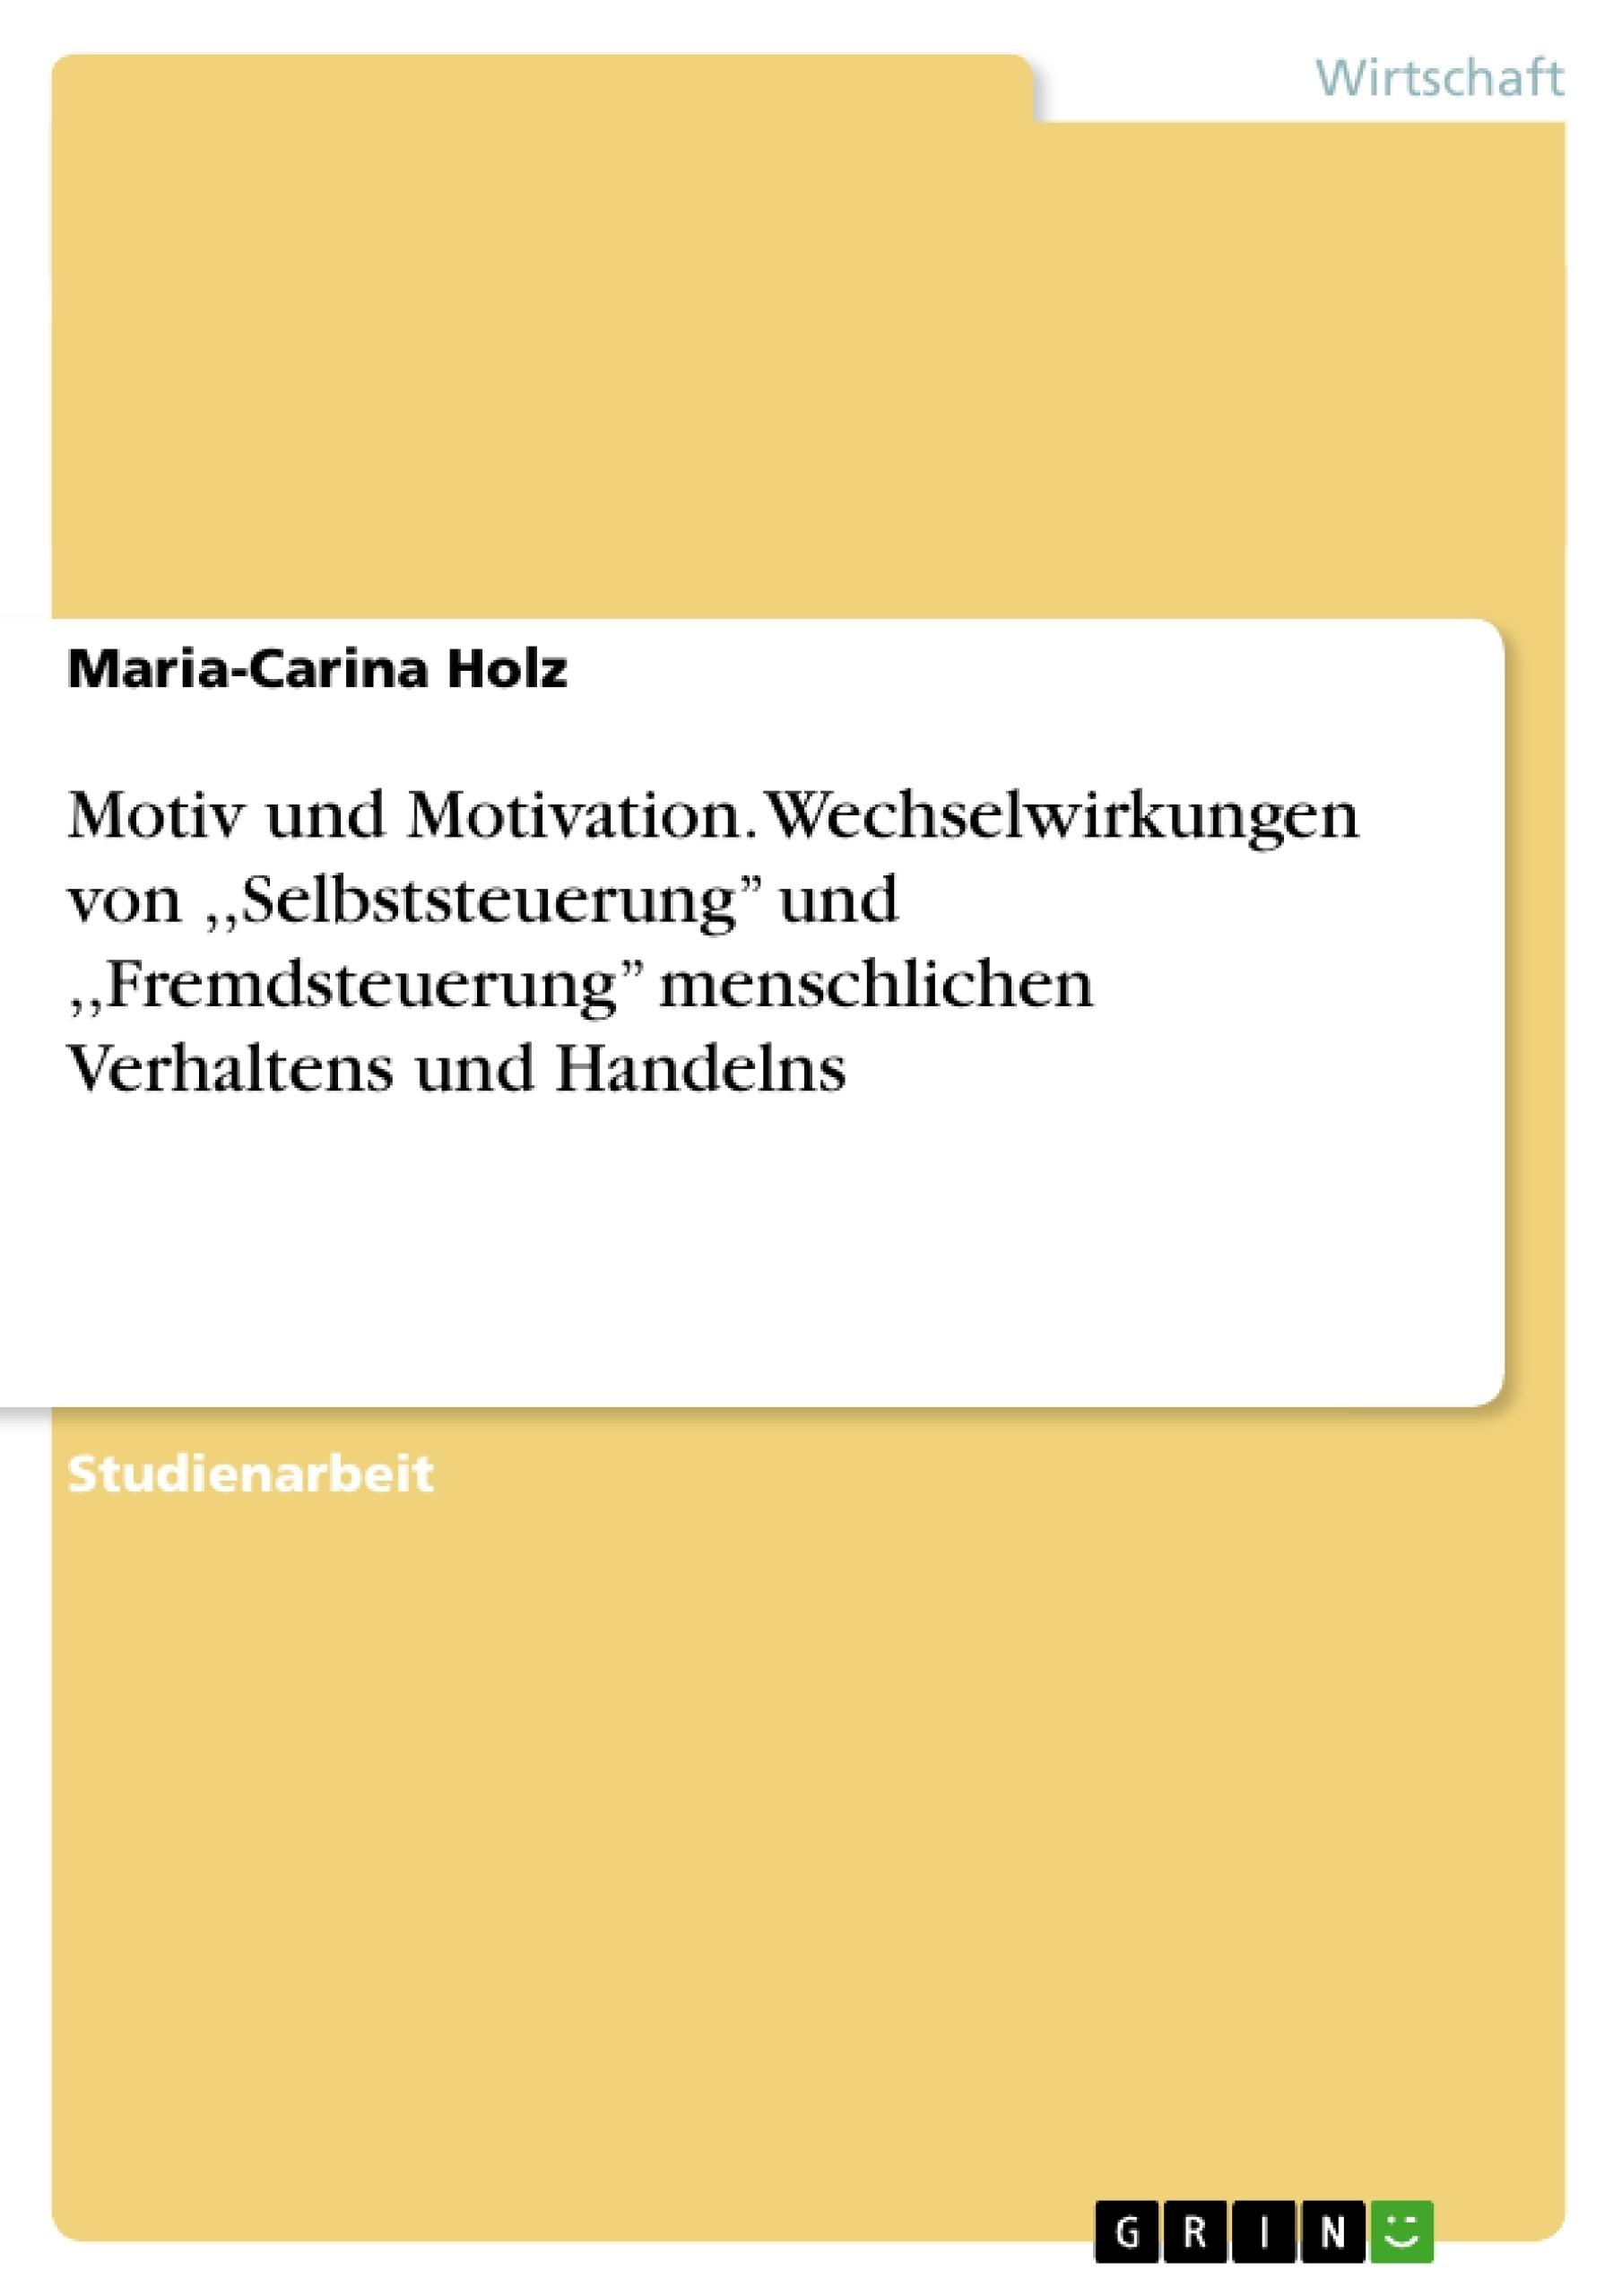 Titel: Motiv und Motivation. Wechselwirkungen von ,,Selbststeuerung'' und ,,Fremdsteuerung'' menschlichen Verhaltens und Handelns